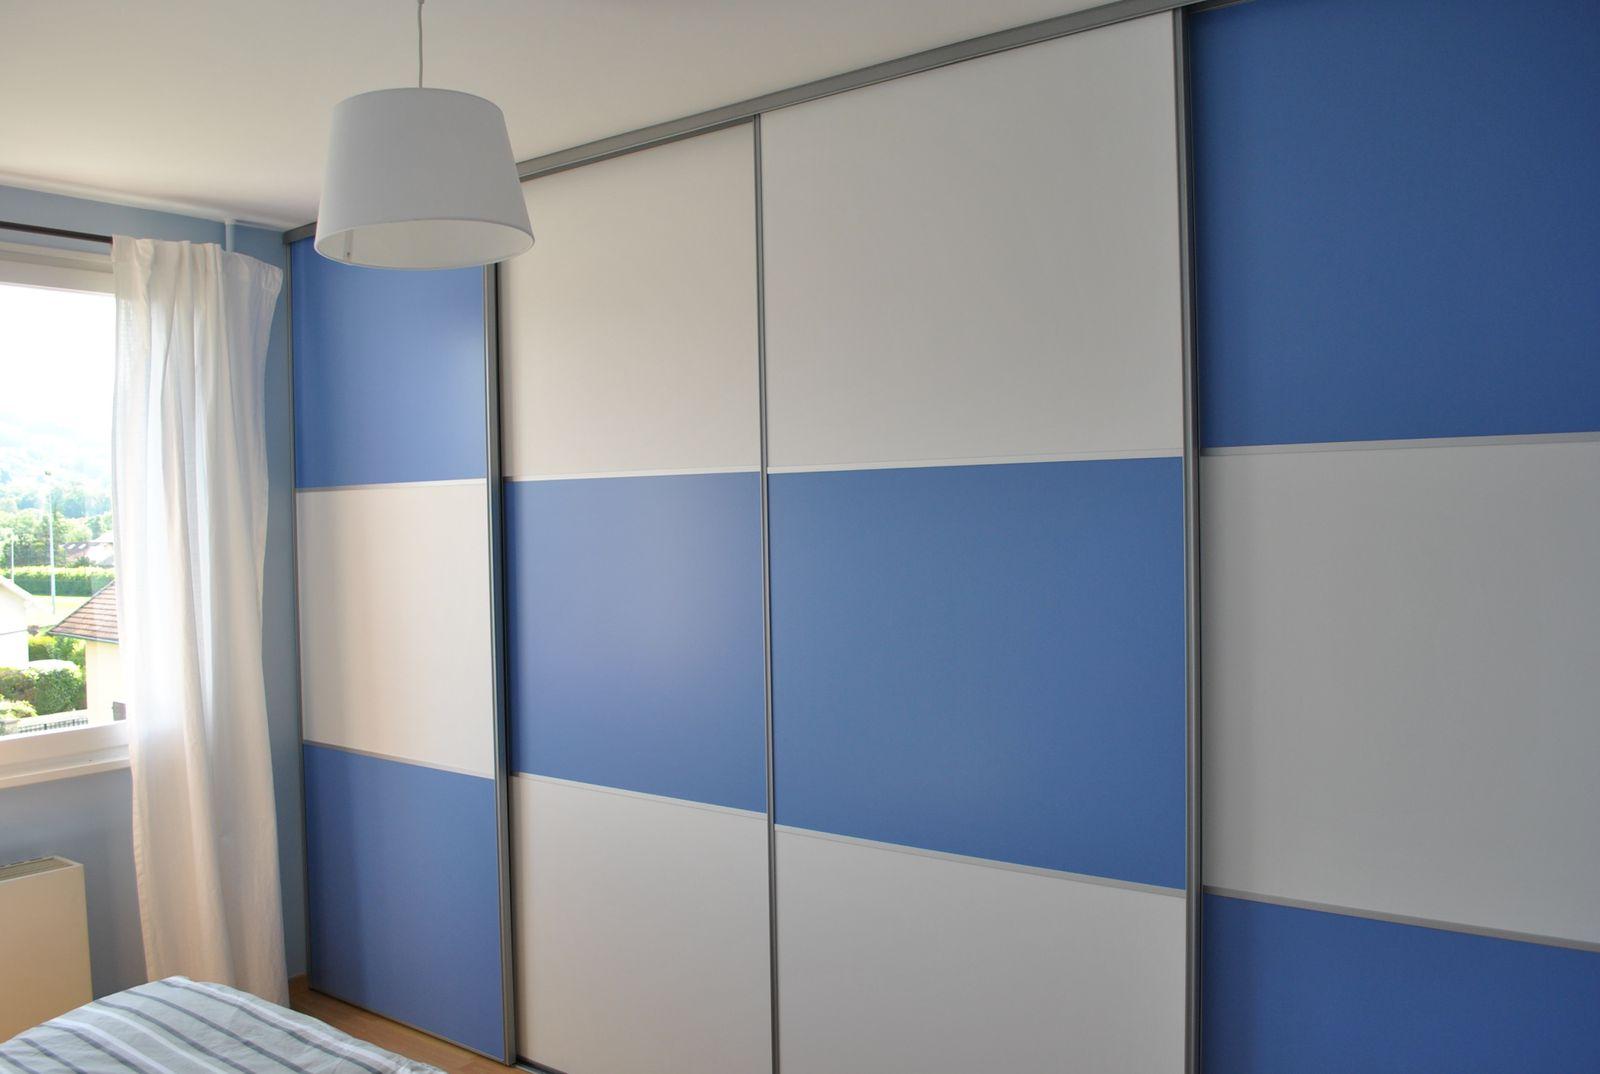 D corer une porte de placard porte placard verriere beau papier peint d corer des portes de - Relooker porte placard ...